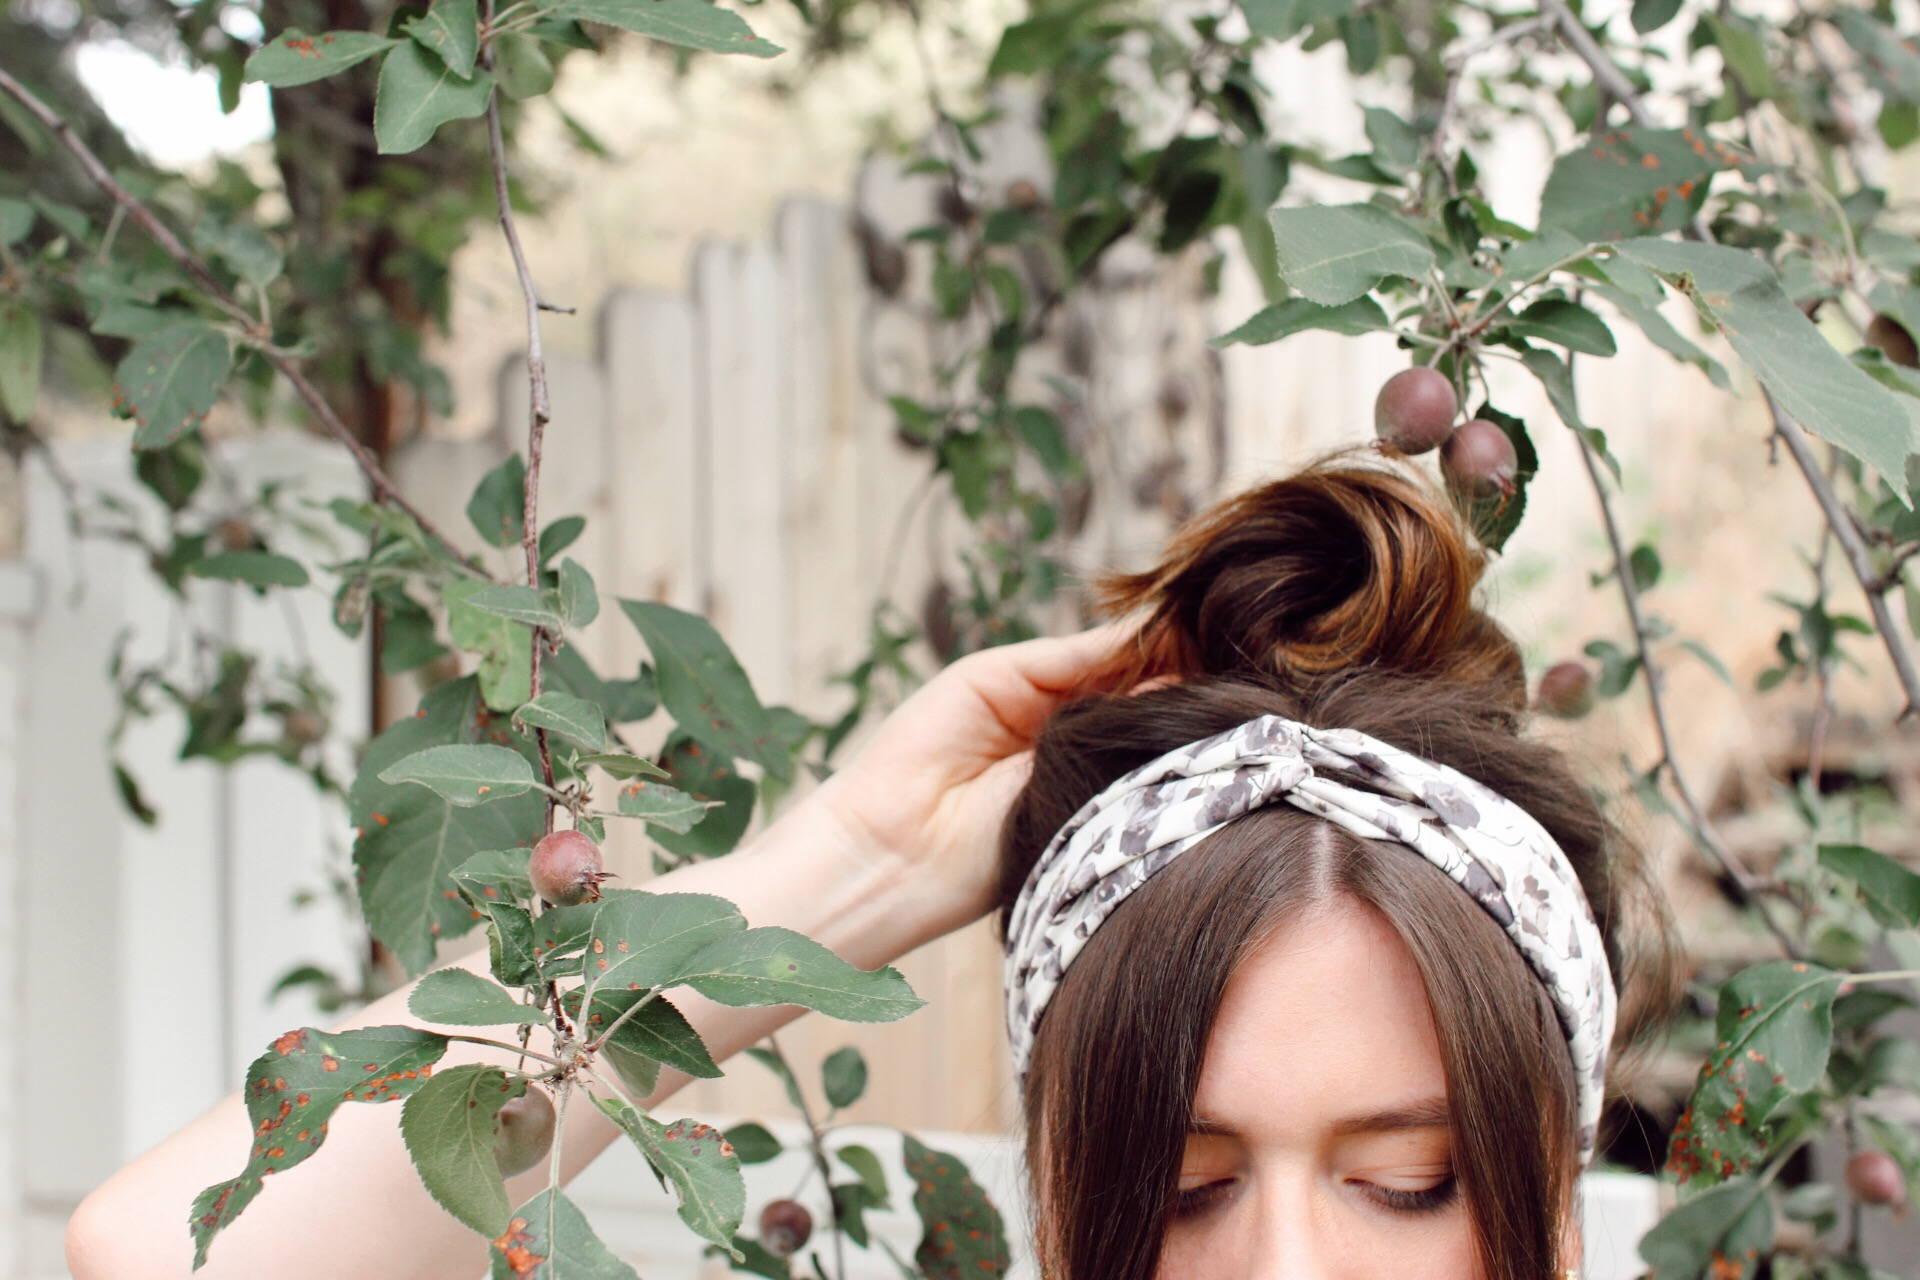 Davines messy bun summer hair tutorials